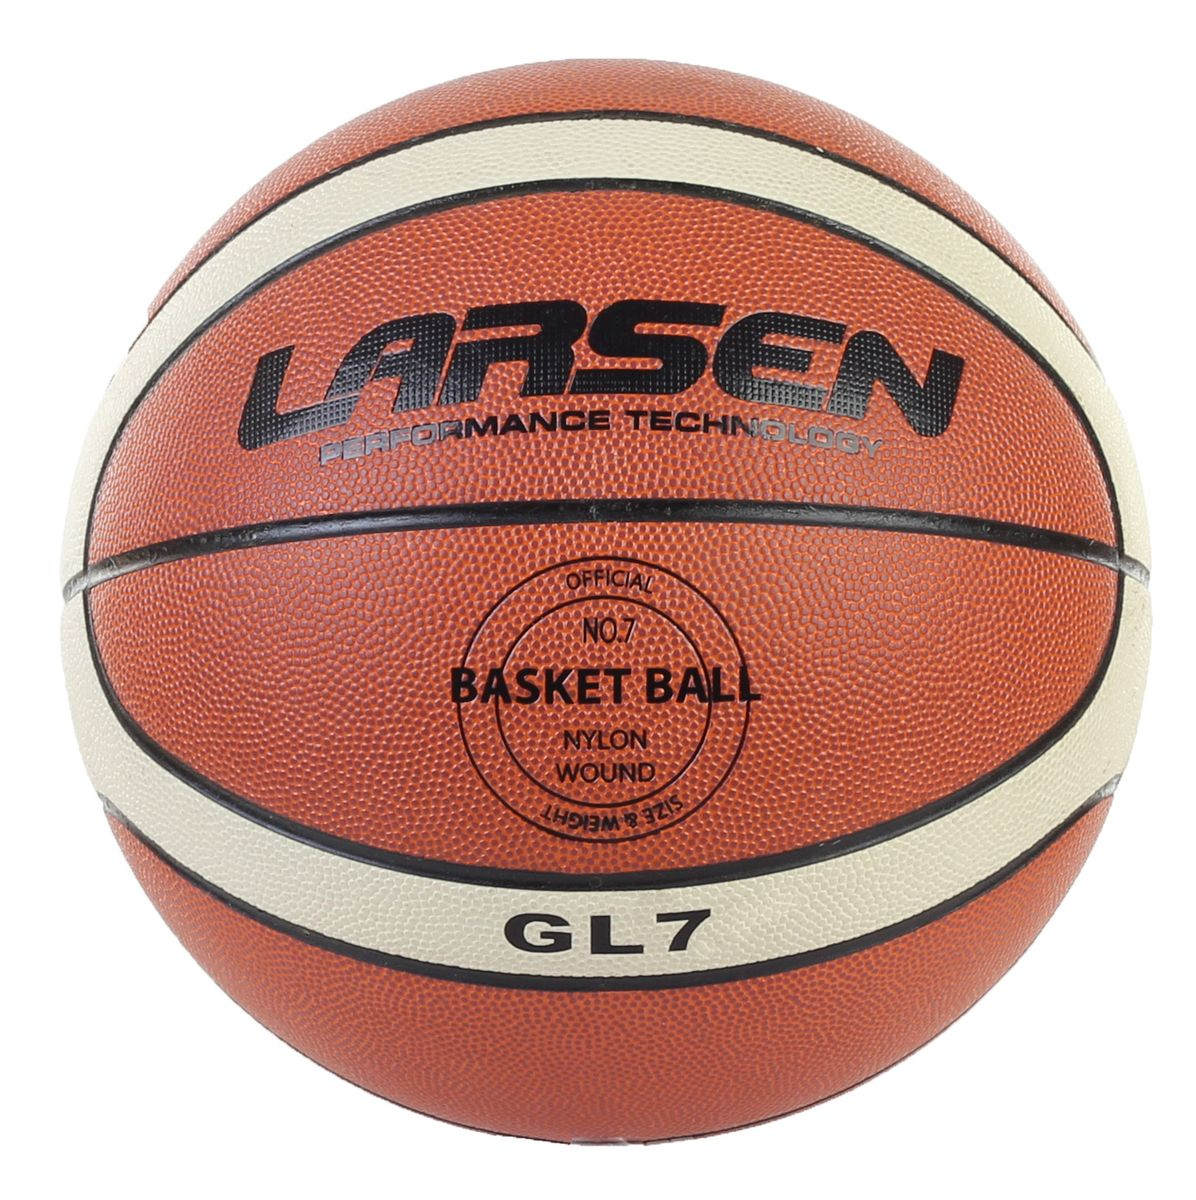 Мяч баскетбольный Larsen PVC-GL7. Размер 7120330_white/royalБлагодаря покрышке, выполненной из поливинилхлорида, мяч очень прочен, надежен и долговечен, а также стоек к появлению грыж. Специальная конструкция с армированием нейлоновой нитью позволяет мячу Larsen PVC-GL7 долго не терять форму и оставаться идеально круглым. Бутиловая камера внутри отвечает за предсказуемый отскок и быстрое восстановление формы мяча. Вес: 600-650 г. Окружность: 75-78 см. Материал: ламинированный поливинилхлорид.